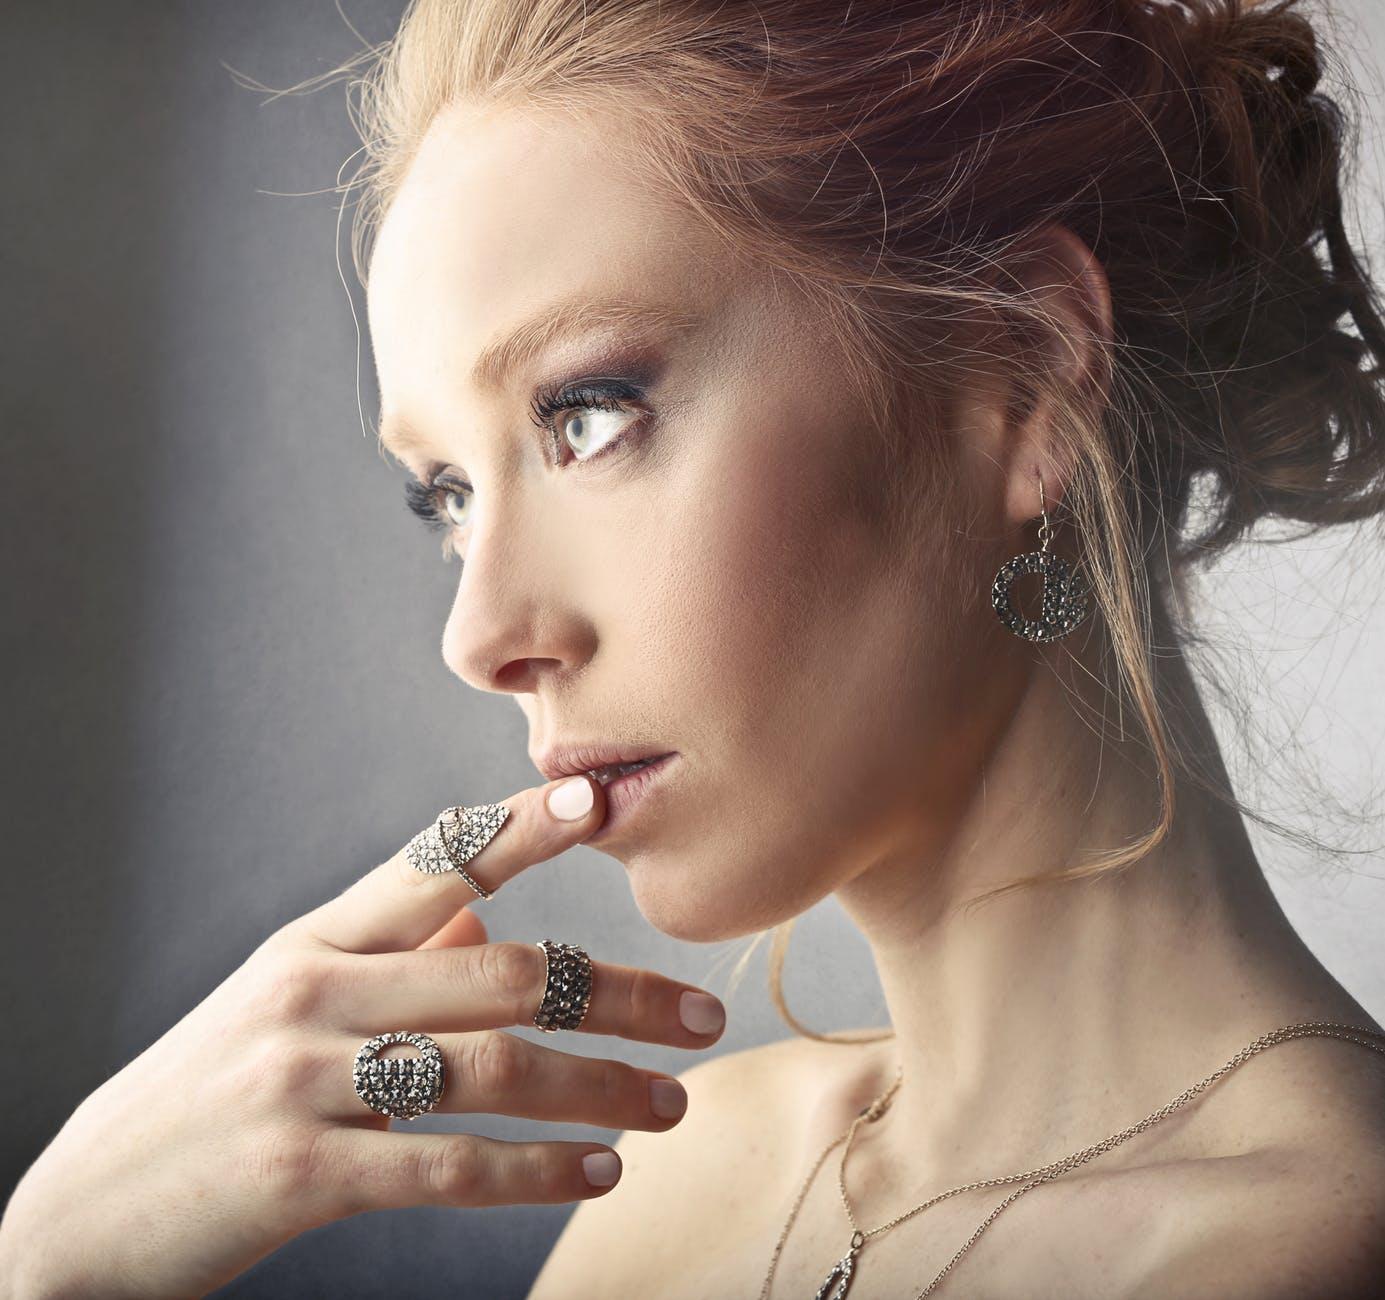 En dame med flotte smykker